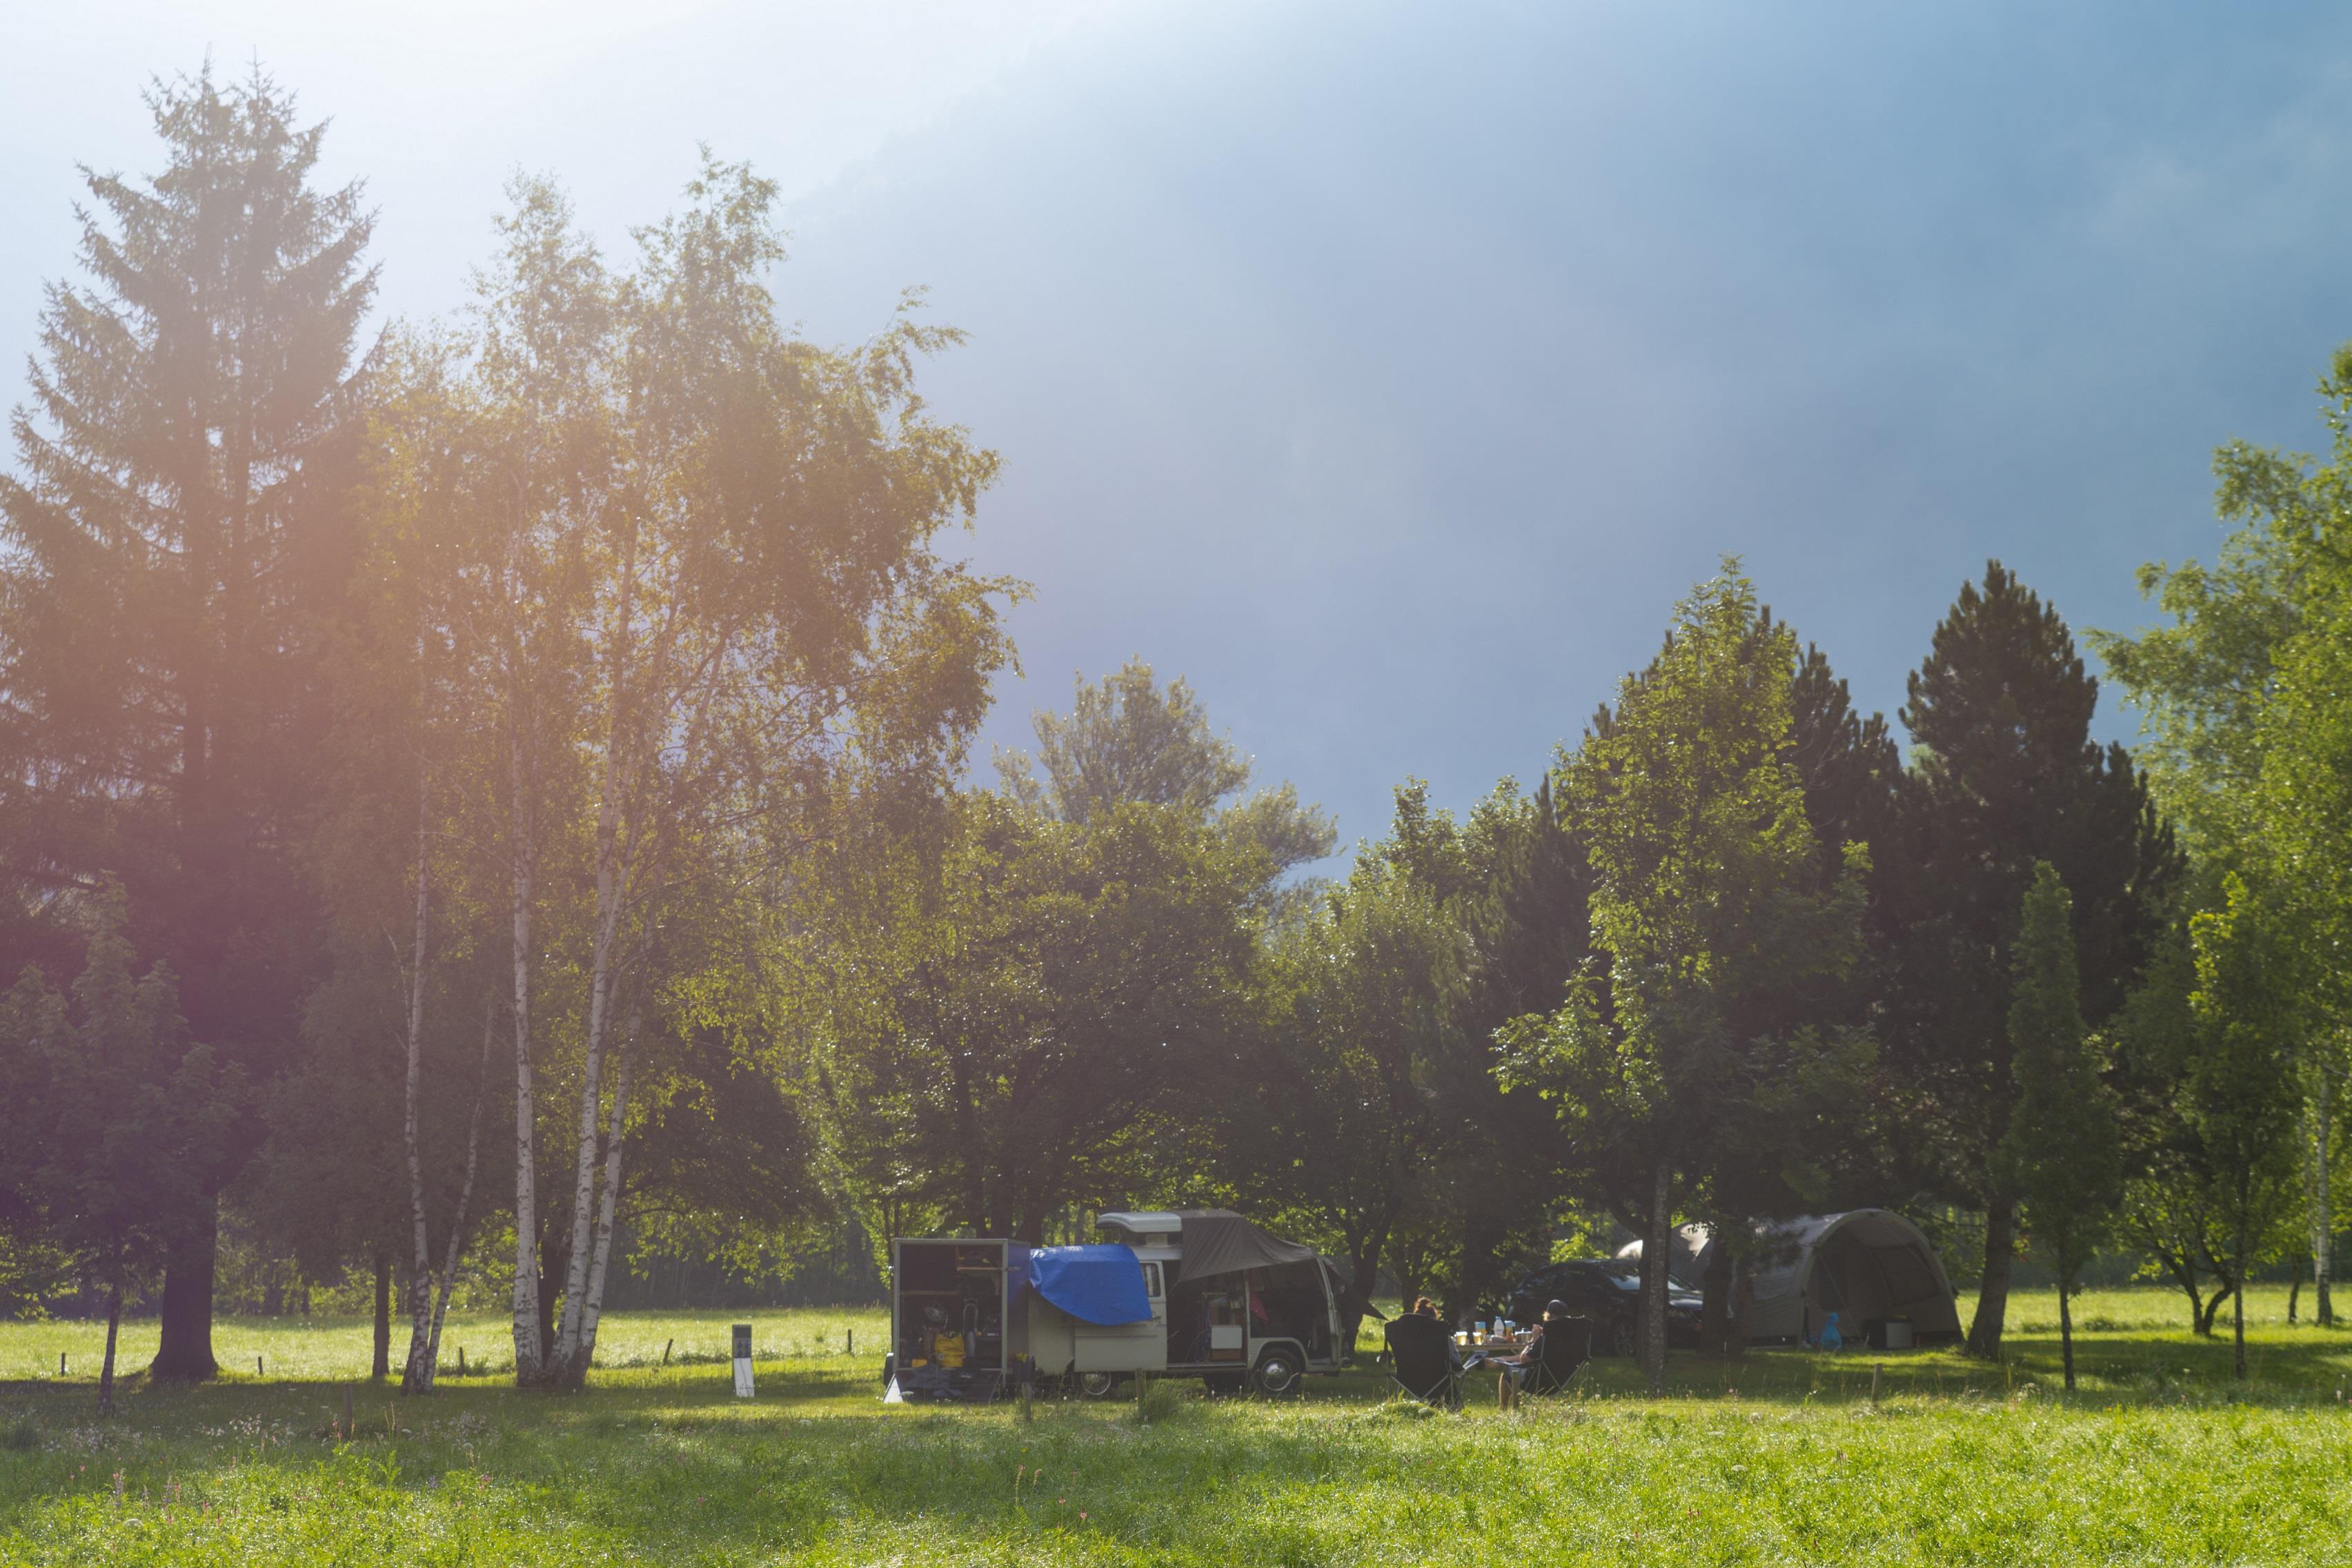 Rcn Belledonne, Le Bourg-d'Oisans, Isère